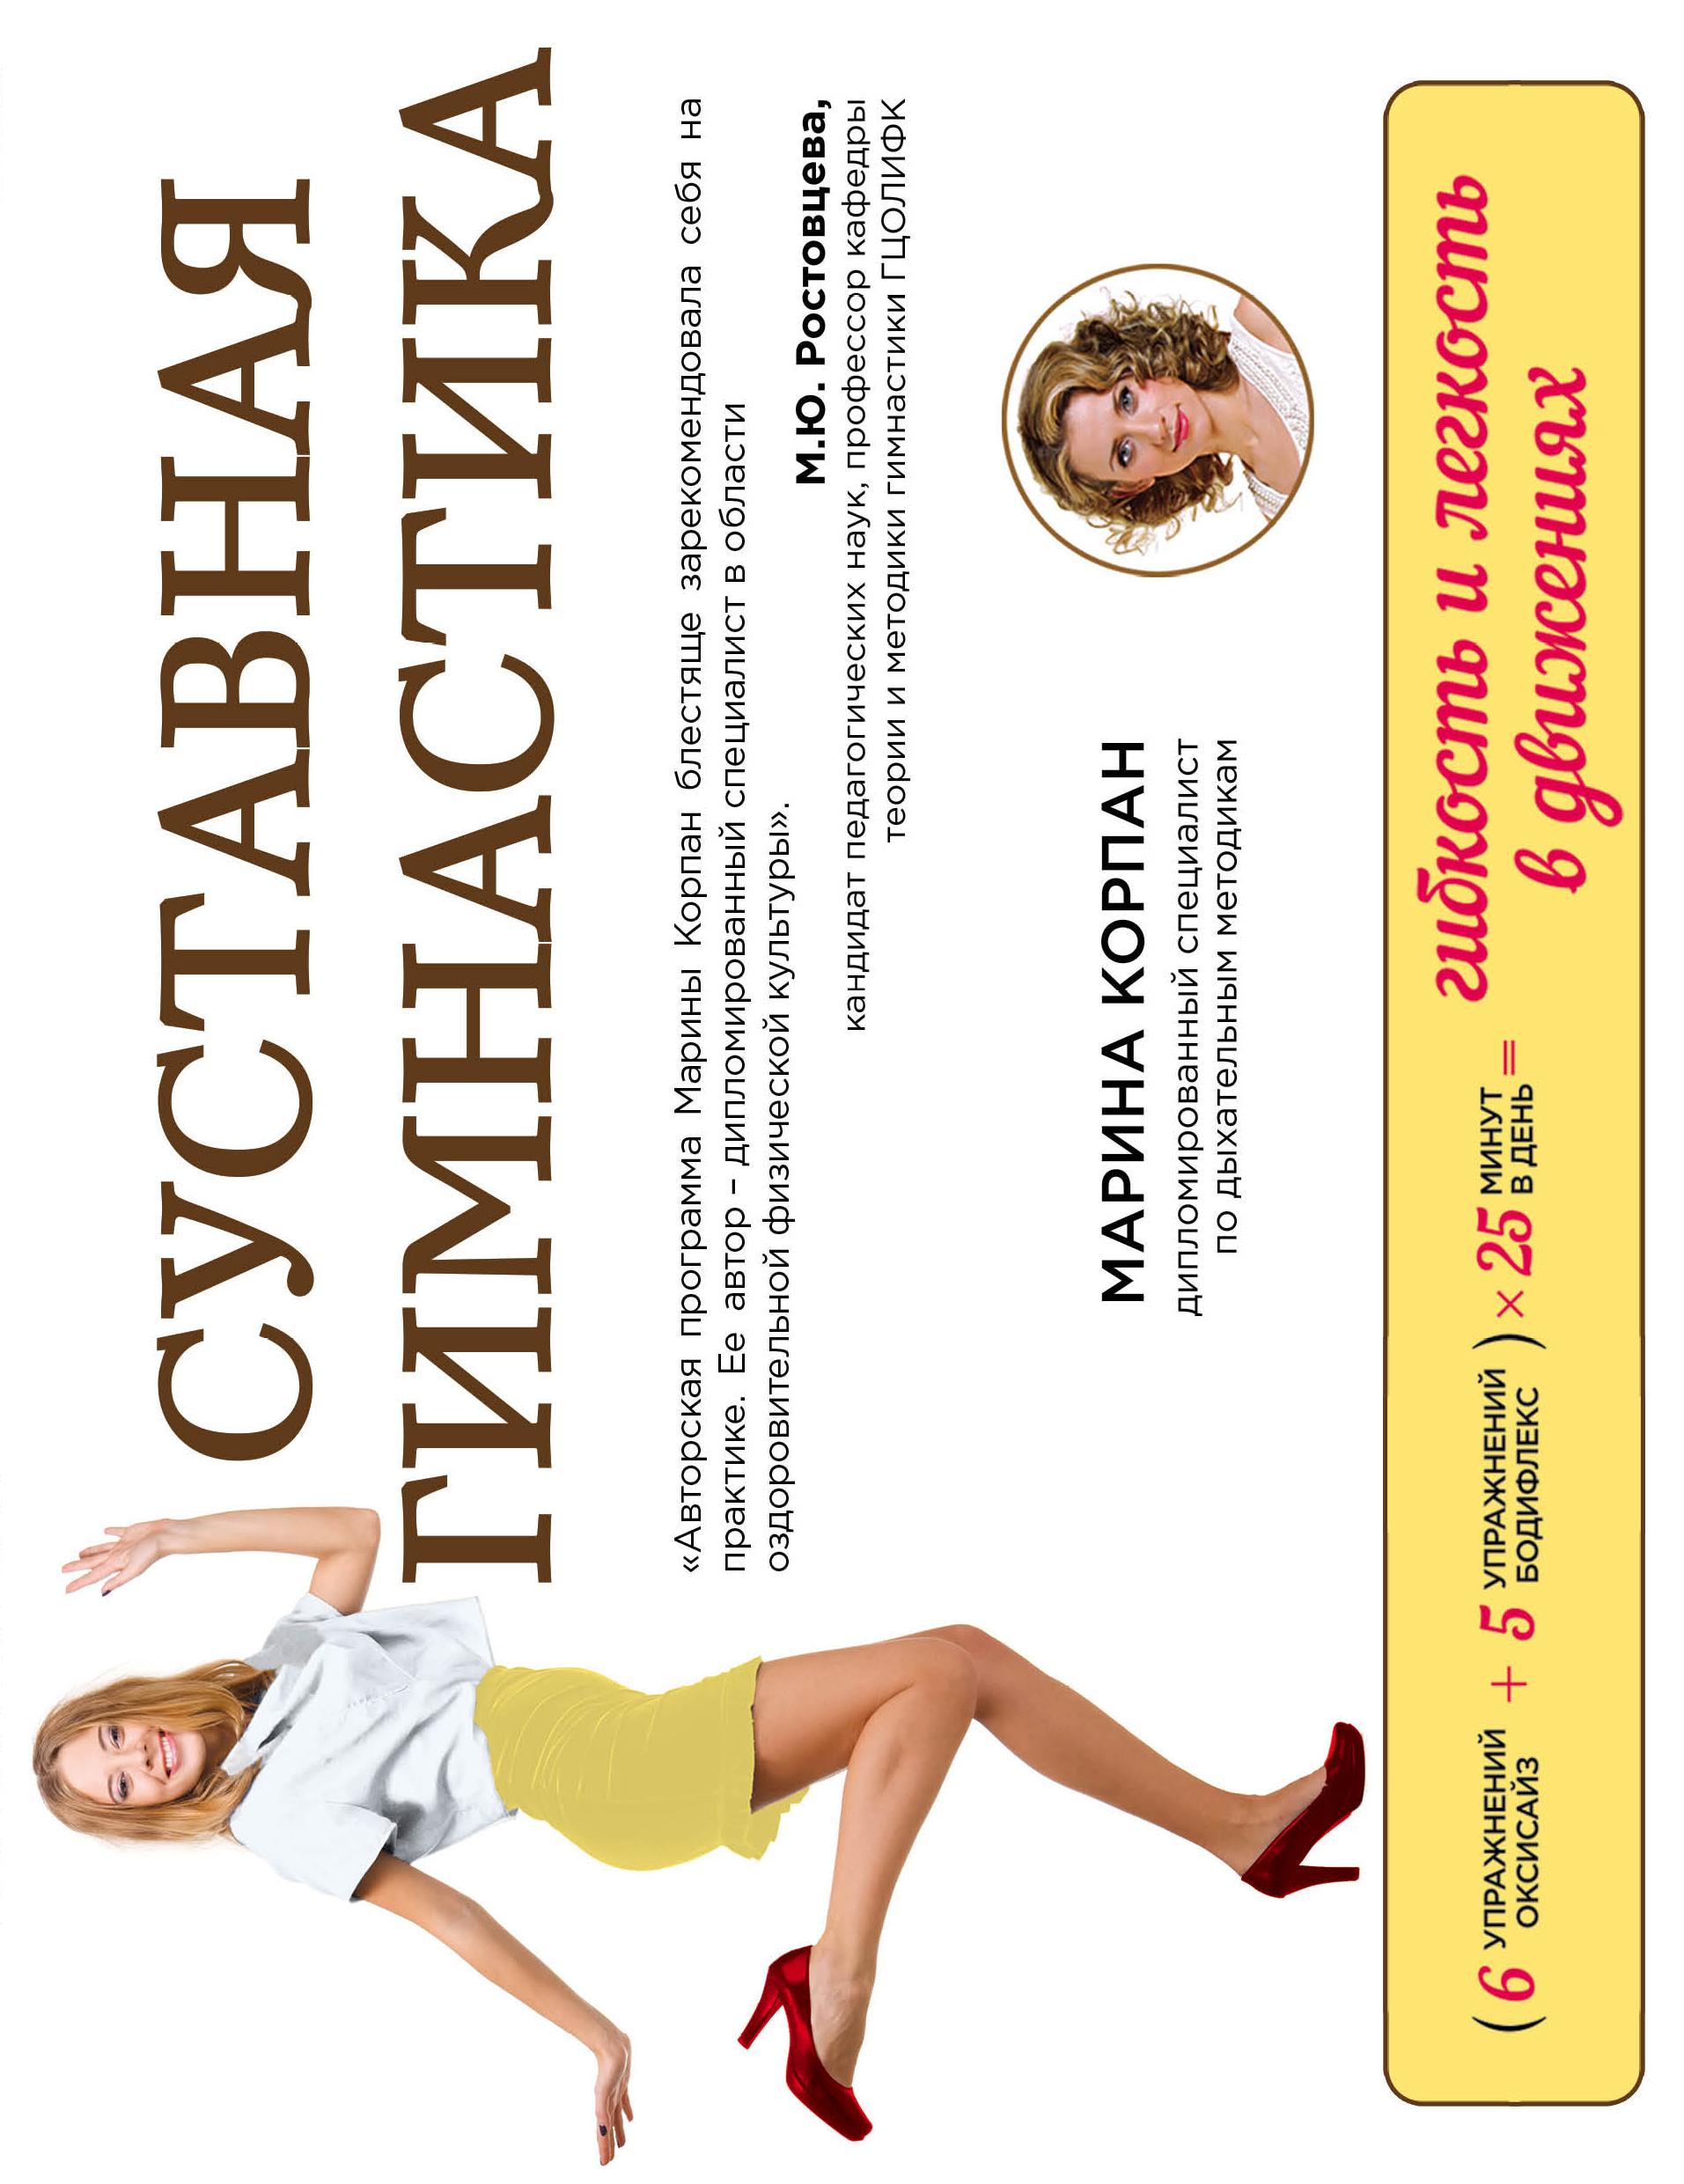 Суставная гимнастика: стройная фигура, осанка, походка